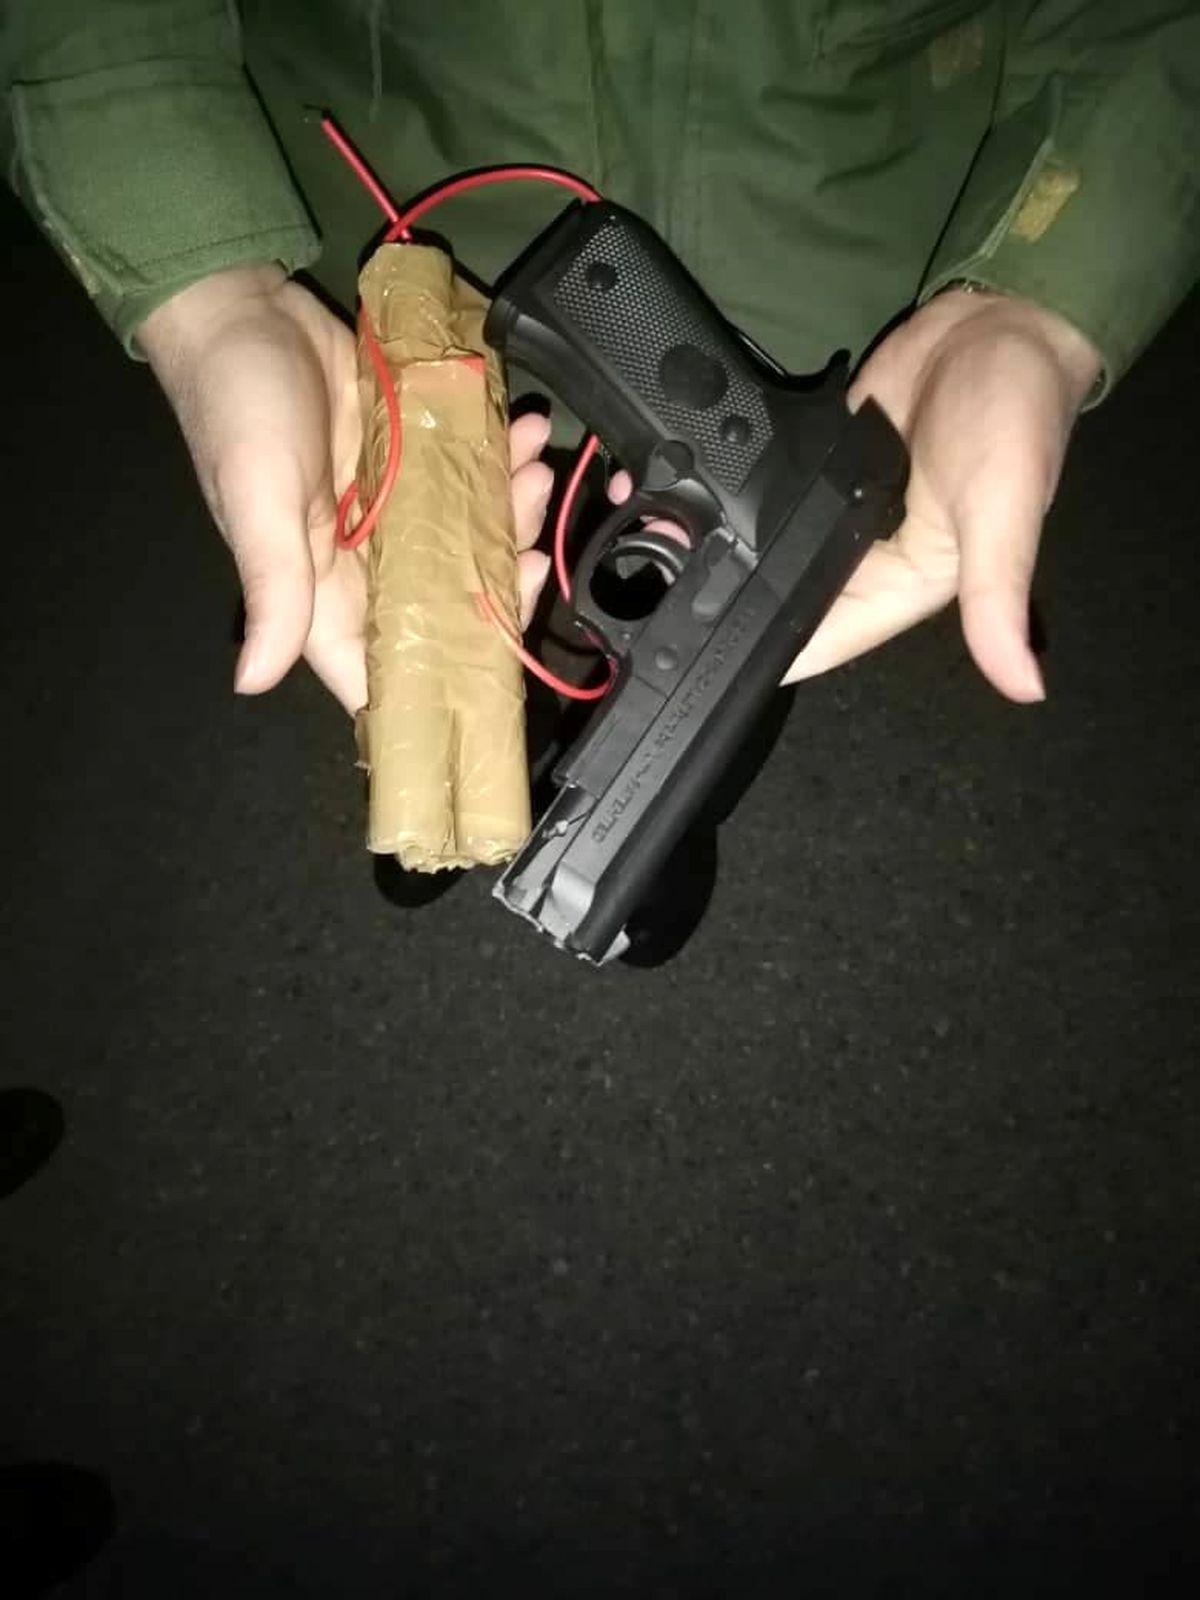 تصاویر:  اسلحه پلاستیکی و  بمب چسبی هواپیماربای مشهد!